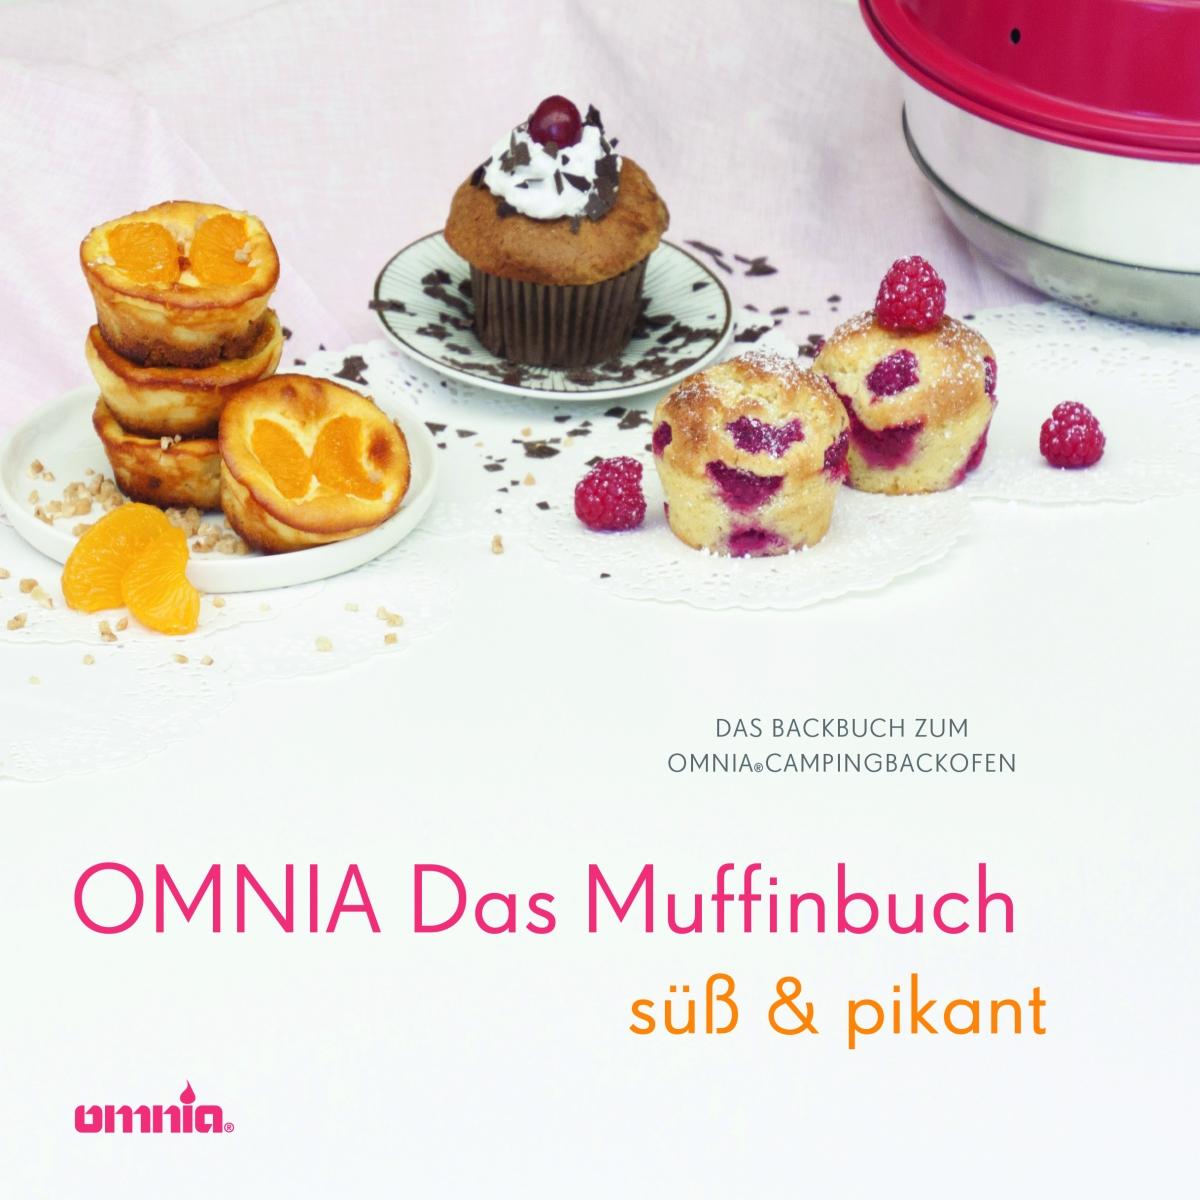 Omnia Muffinbuch